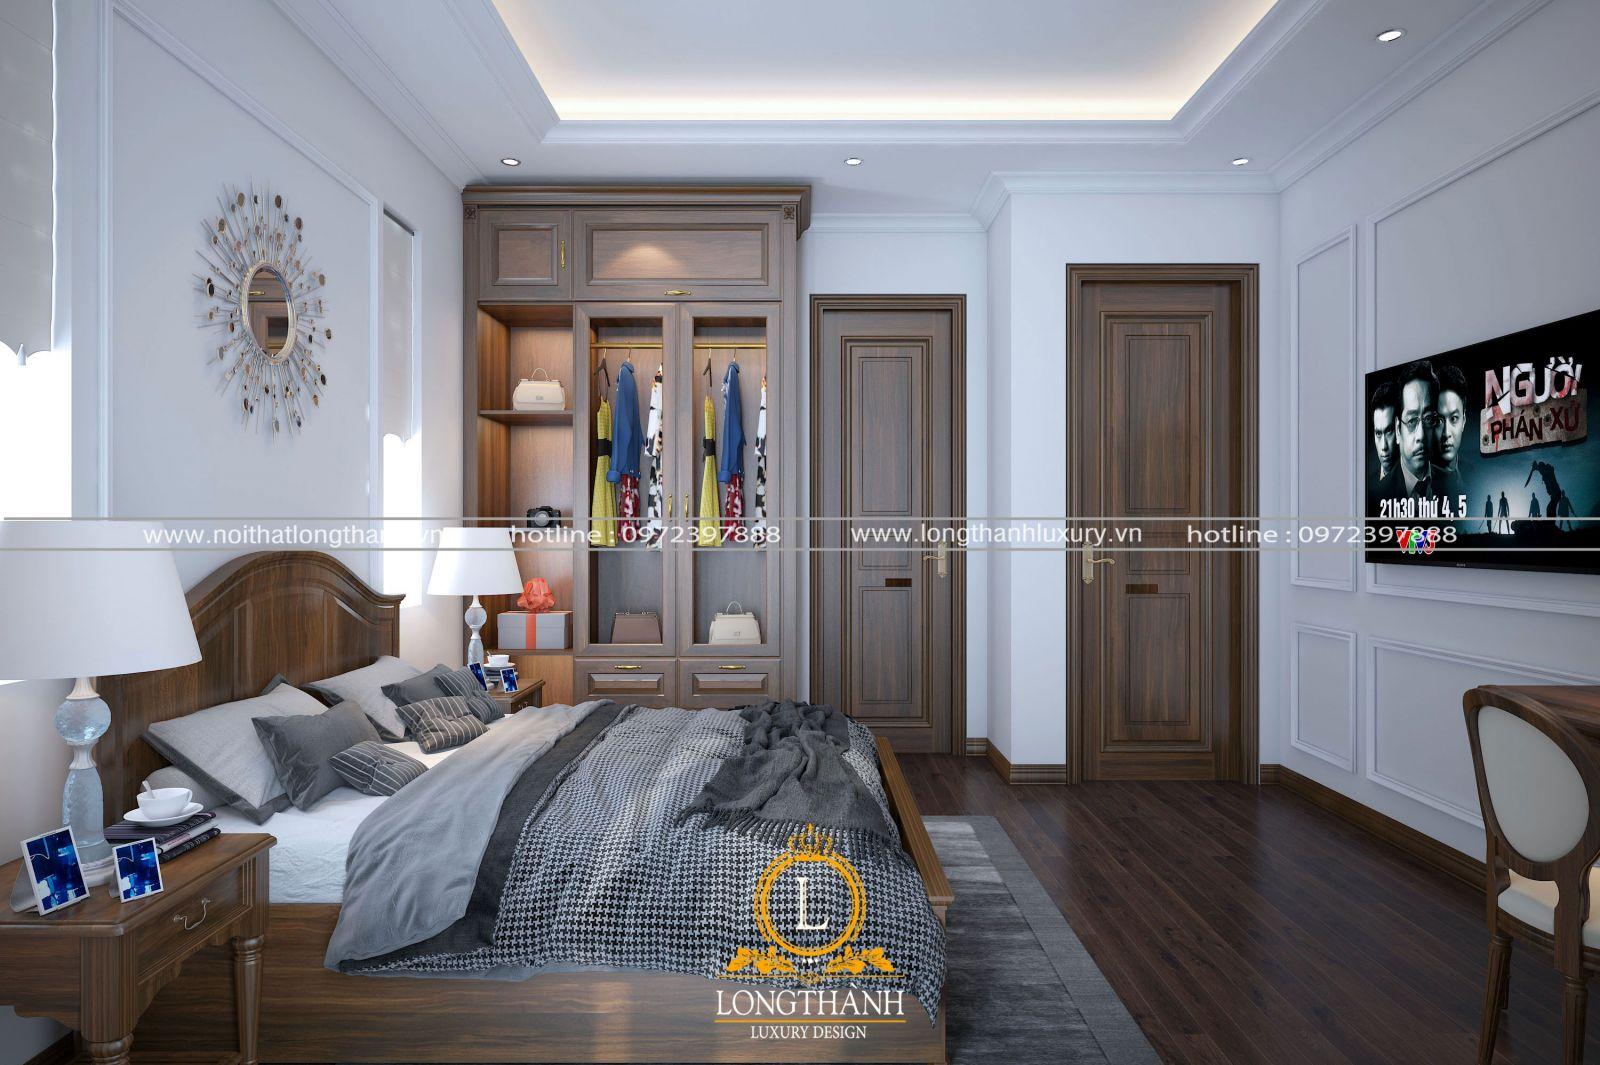 Phòng ngủ hiện đại gỗ tự nhiên chất lượng cho chung cư có diện tích hẹp